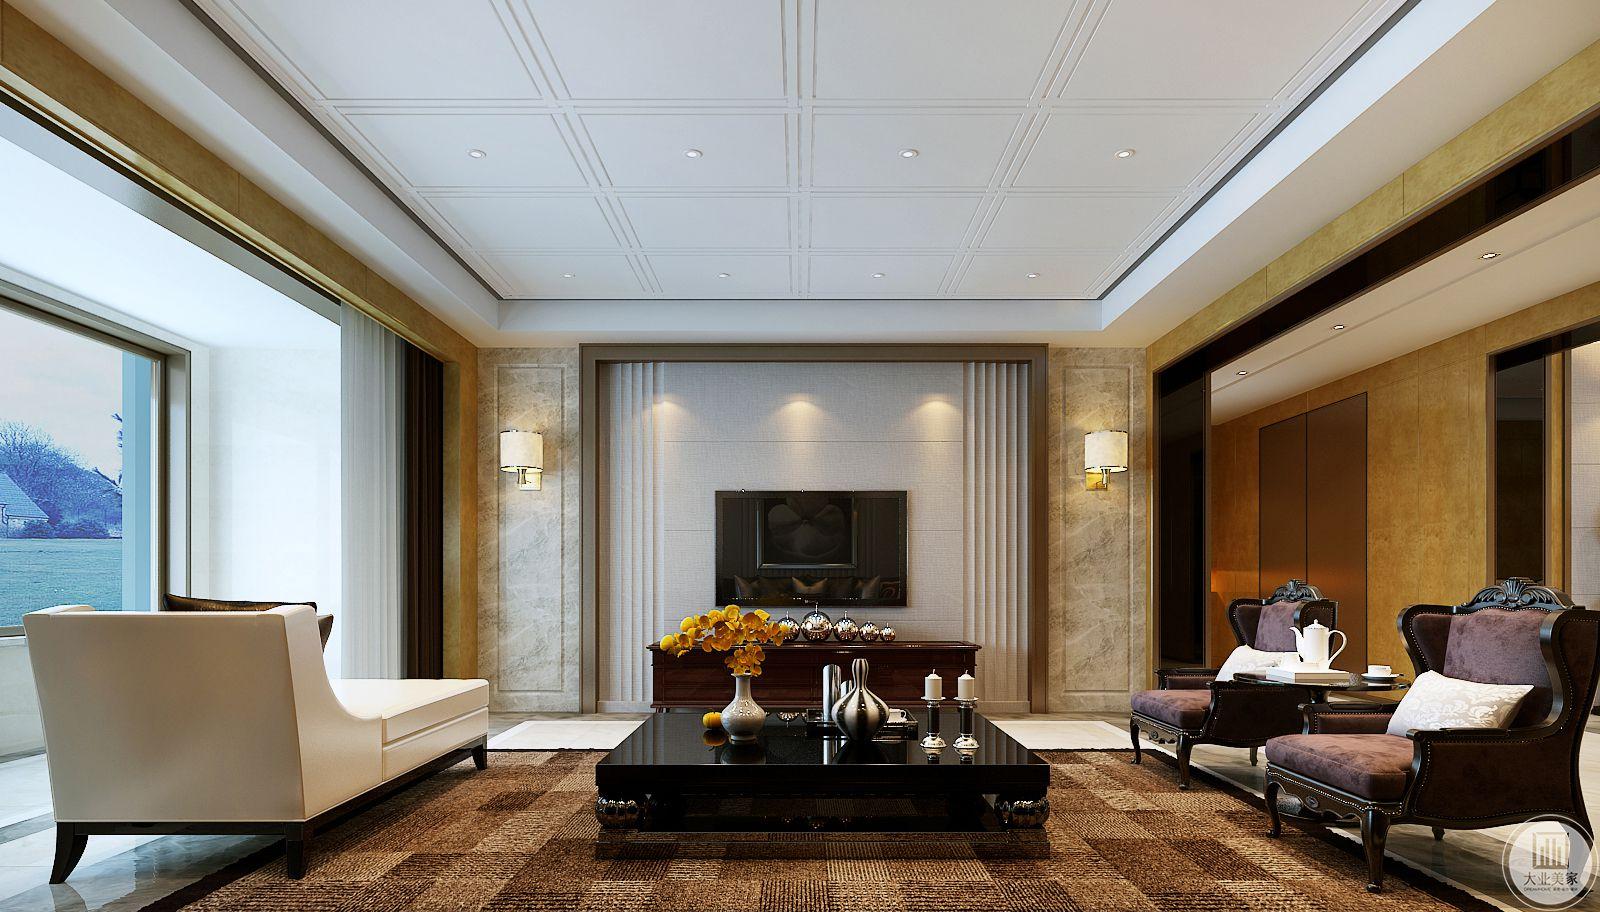 影视墙采用相同的浅灰色壁布装饰,电视柜采用红木制作。